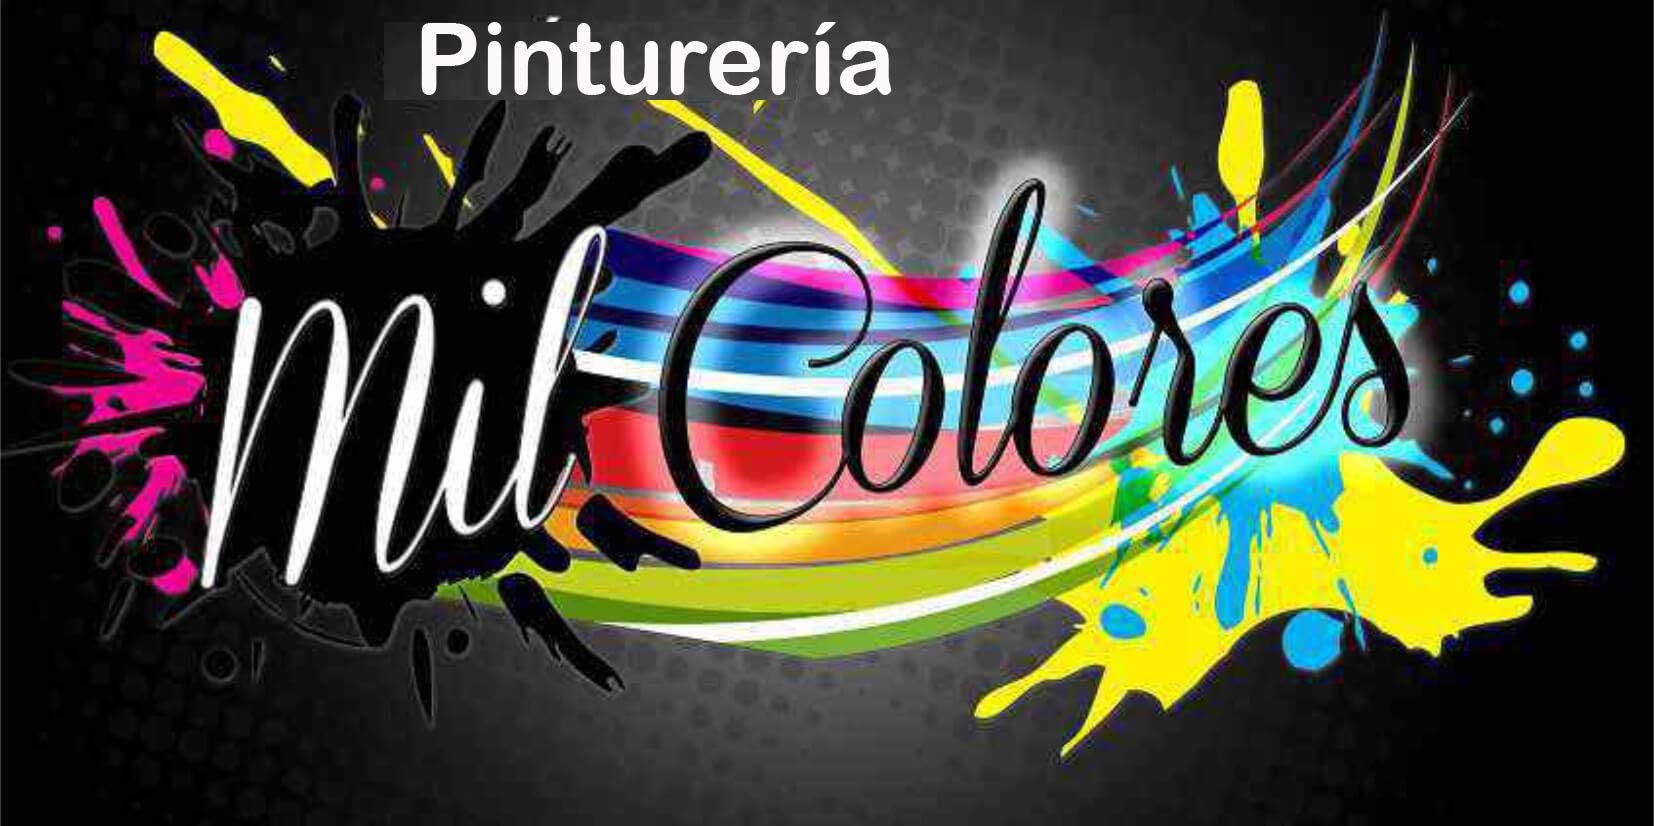 Pinturería Mil Colores